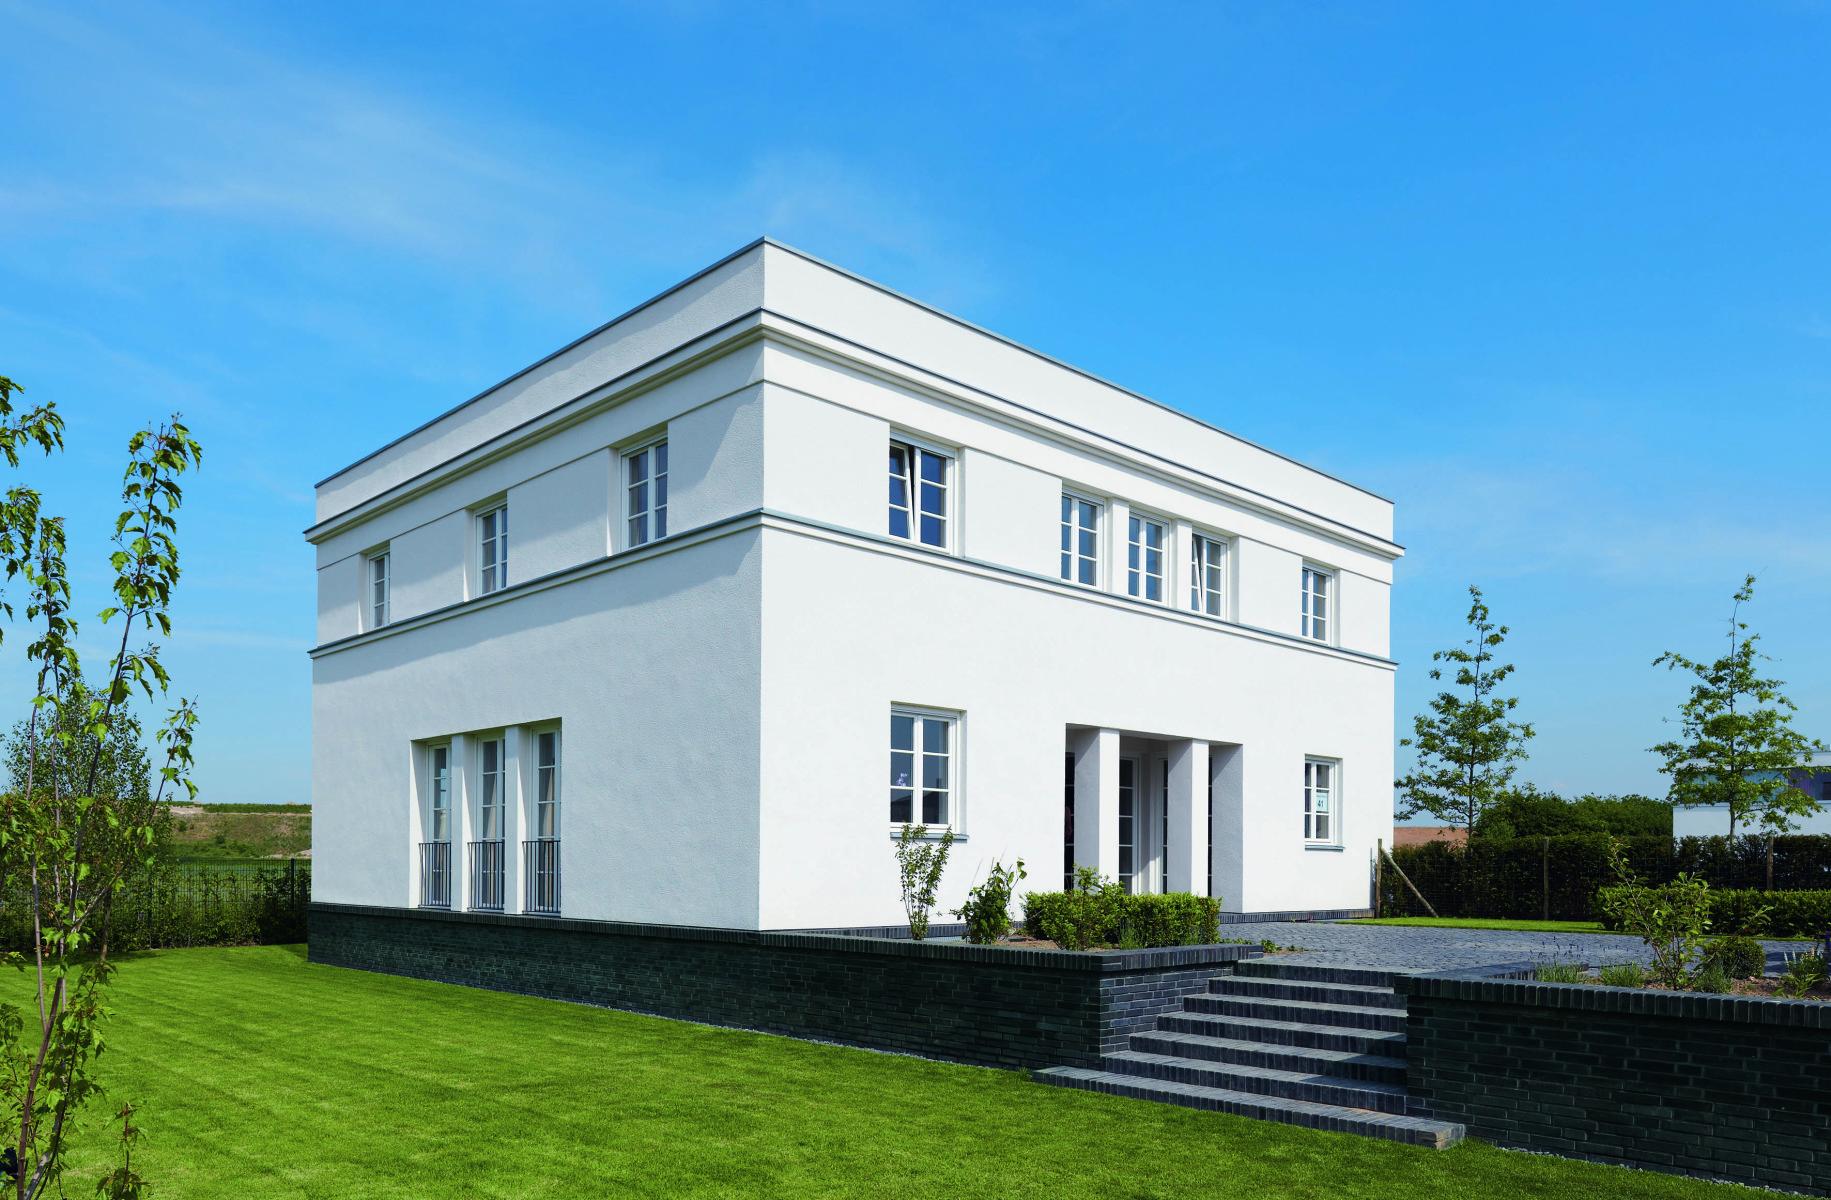 Häuser des Jahres 2011 Preisträger | Architekturwettbewerb Callwey |